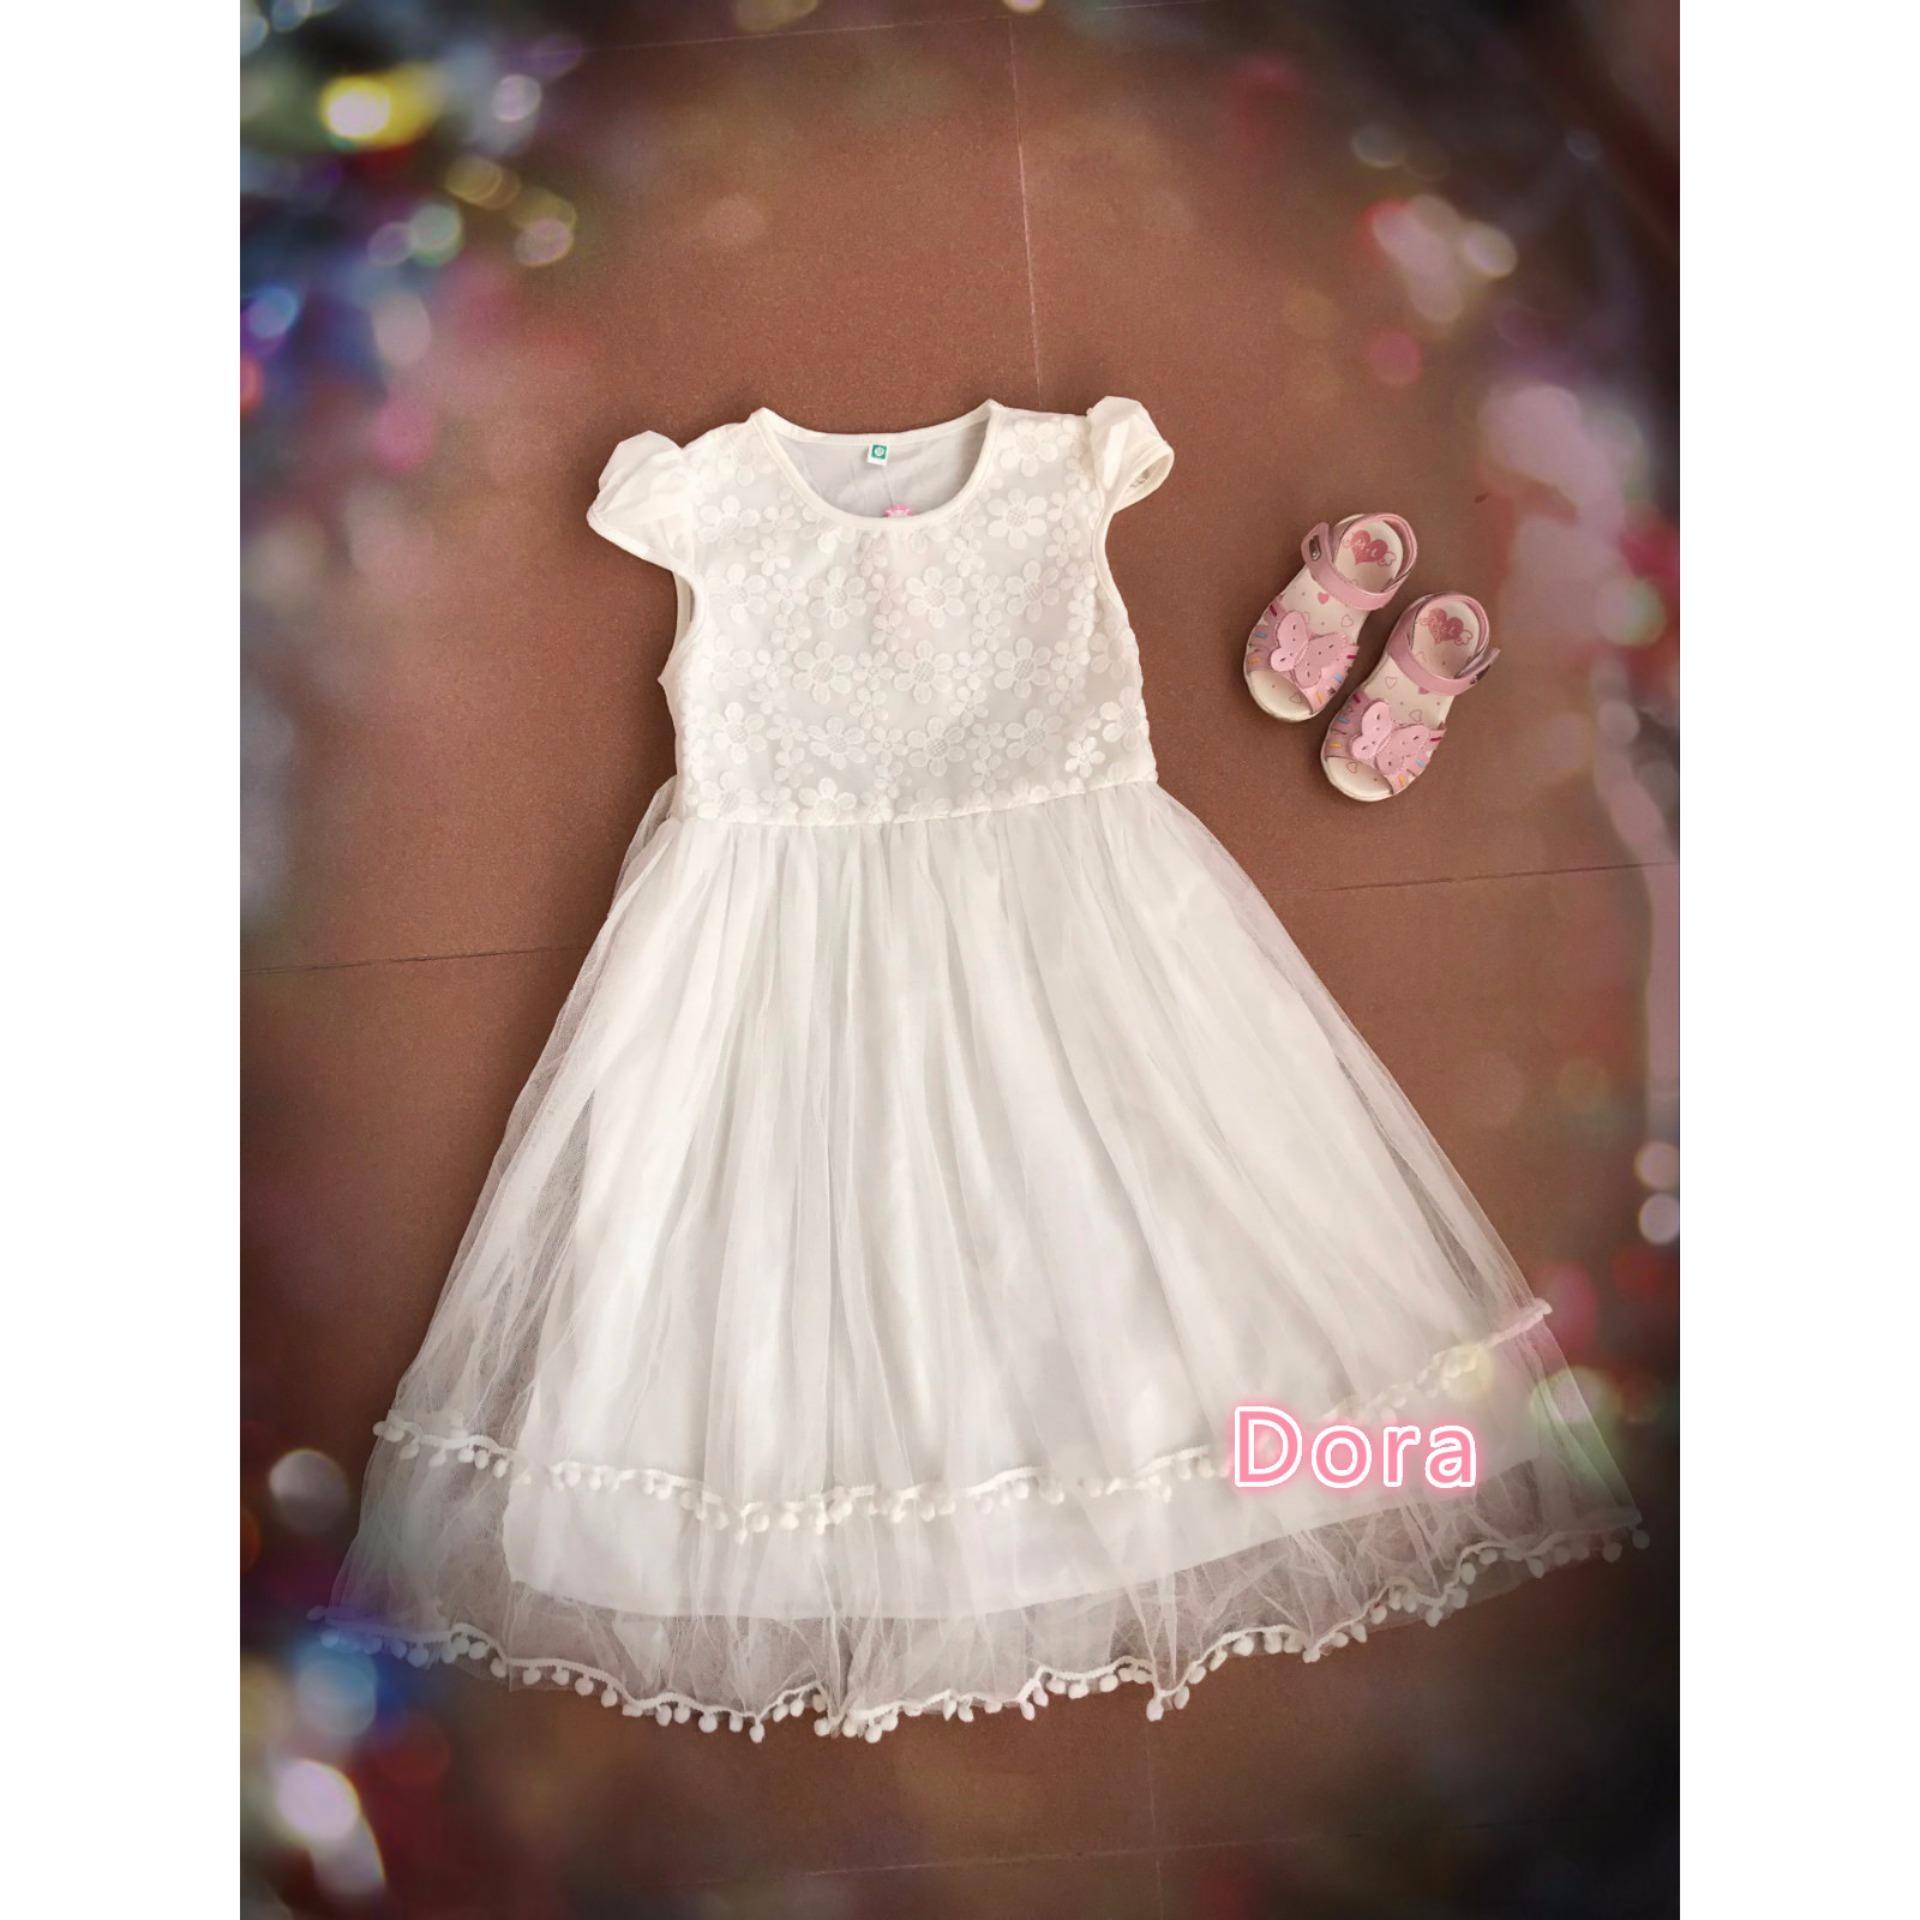 gaun pesta anak mewah putih 4,6.8.10 tahun / baju pesta anak putih/Gaun fashion/Dress fashion/Hadiah ulang tahun